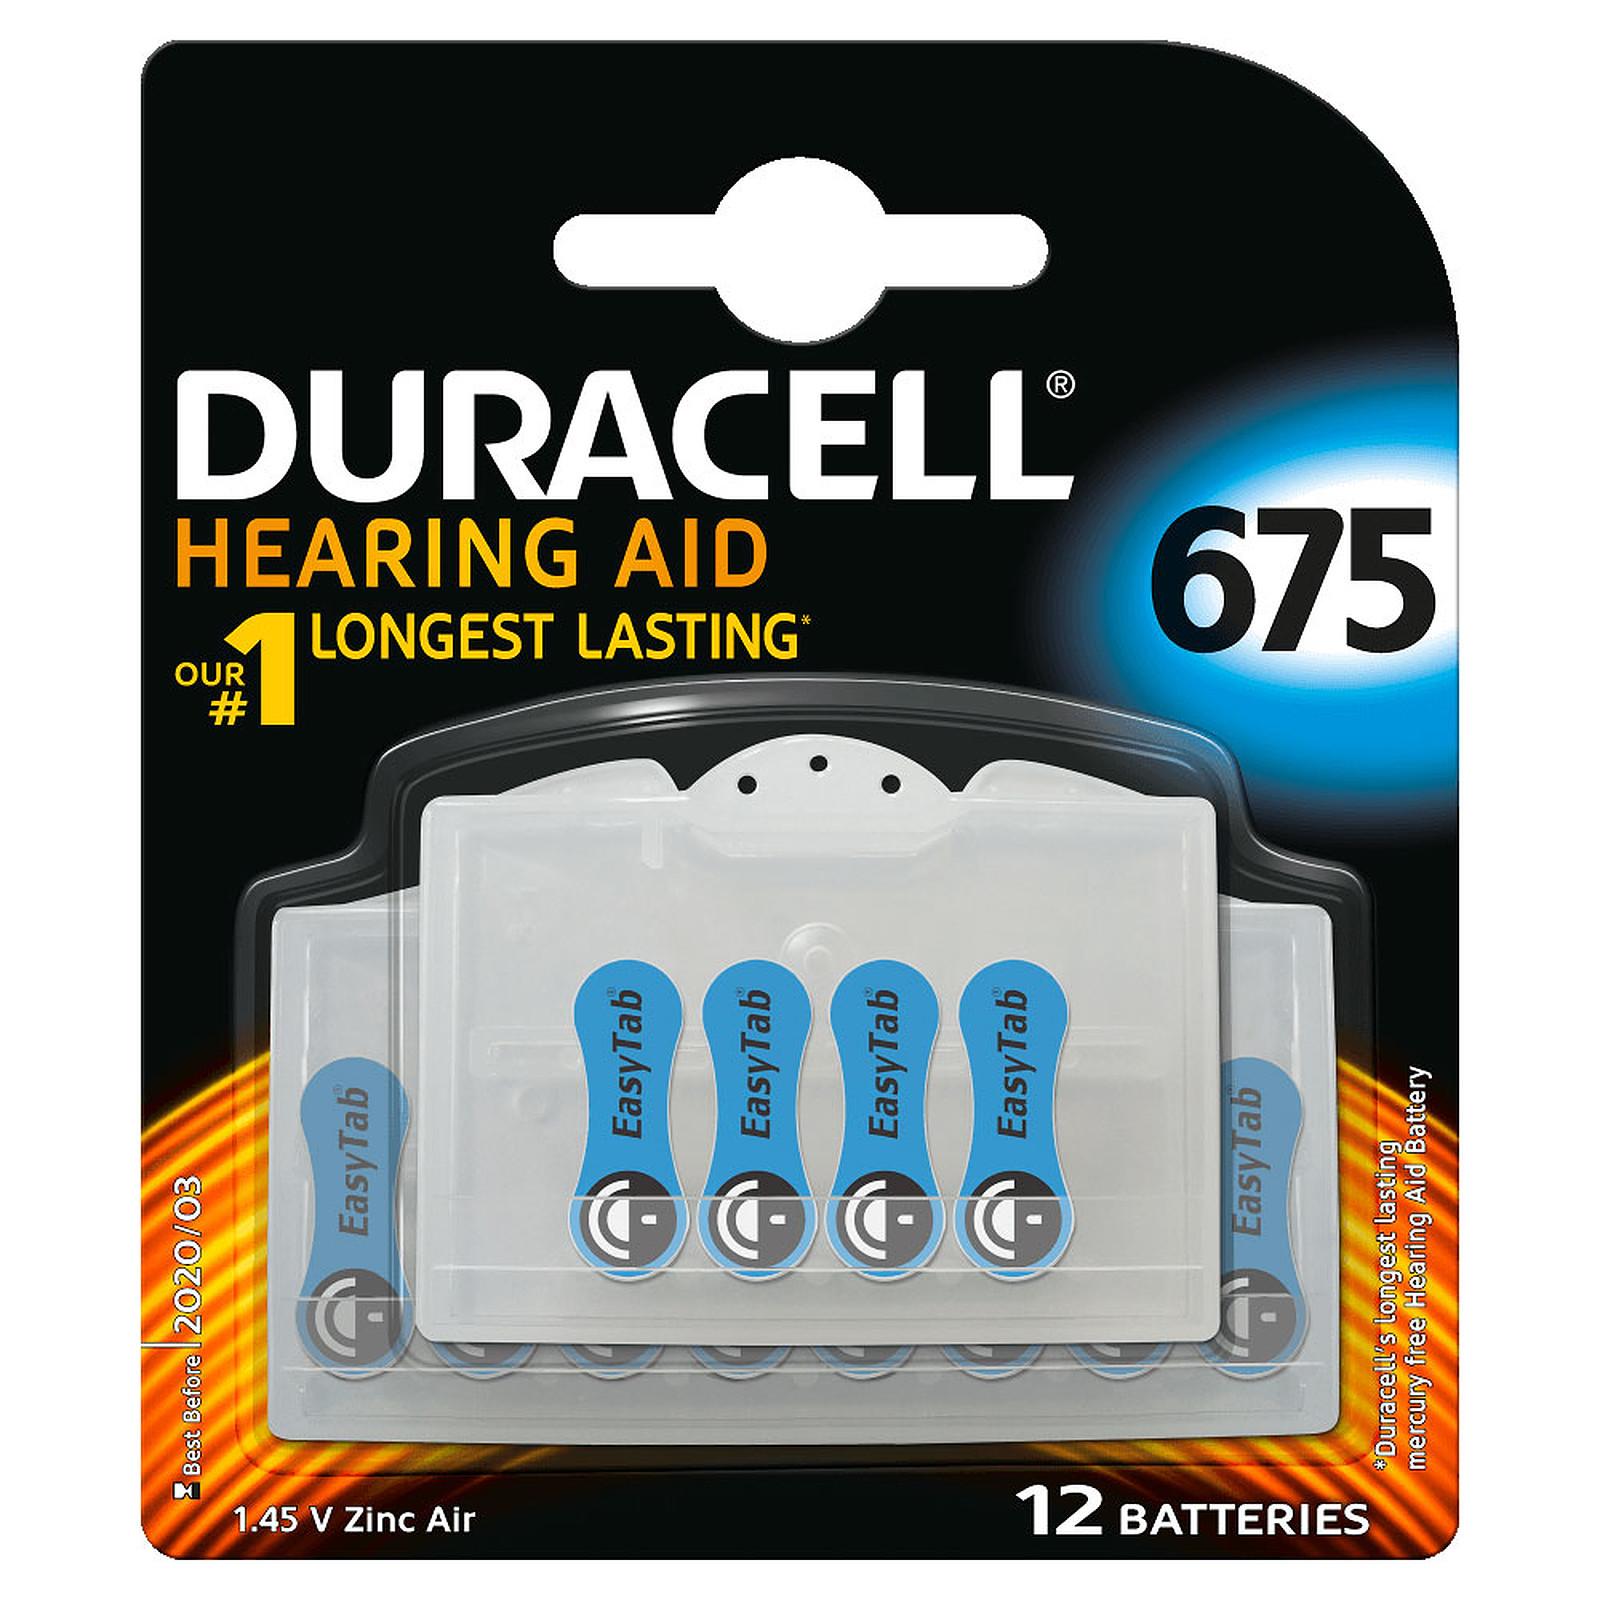 Duracell Hearing Aid 675 (par 12)